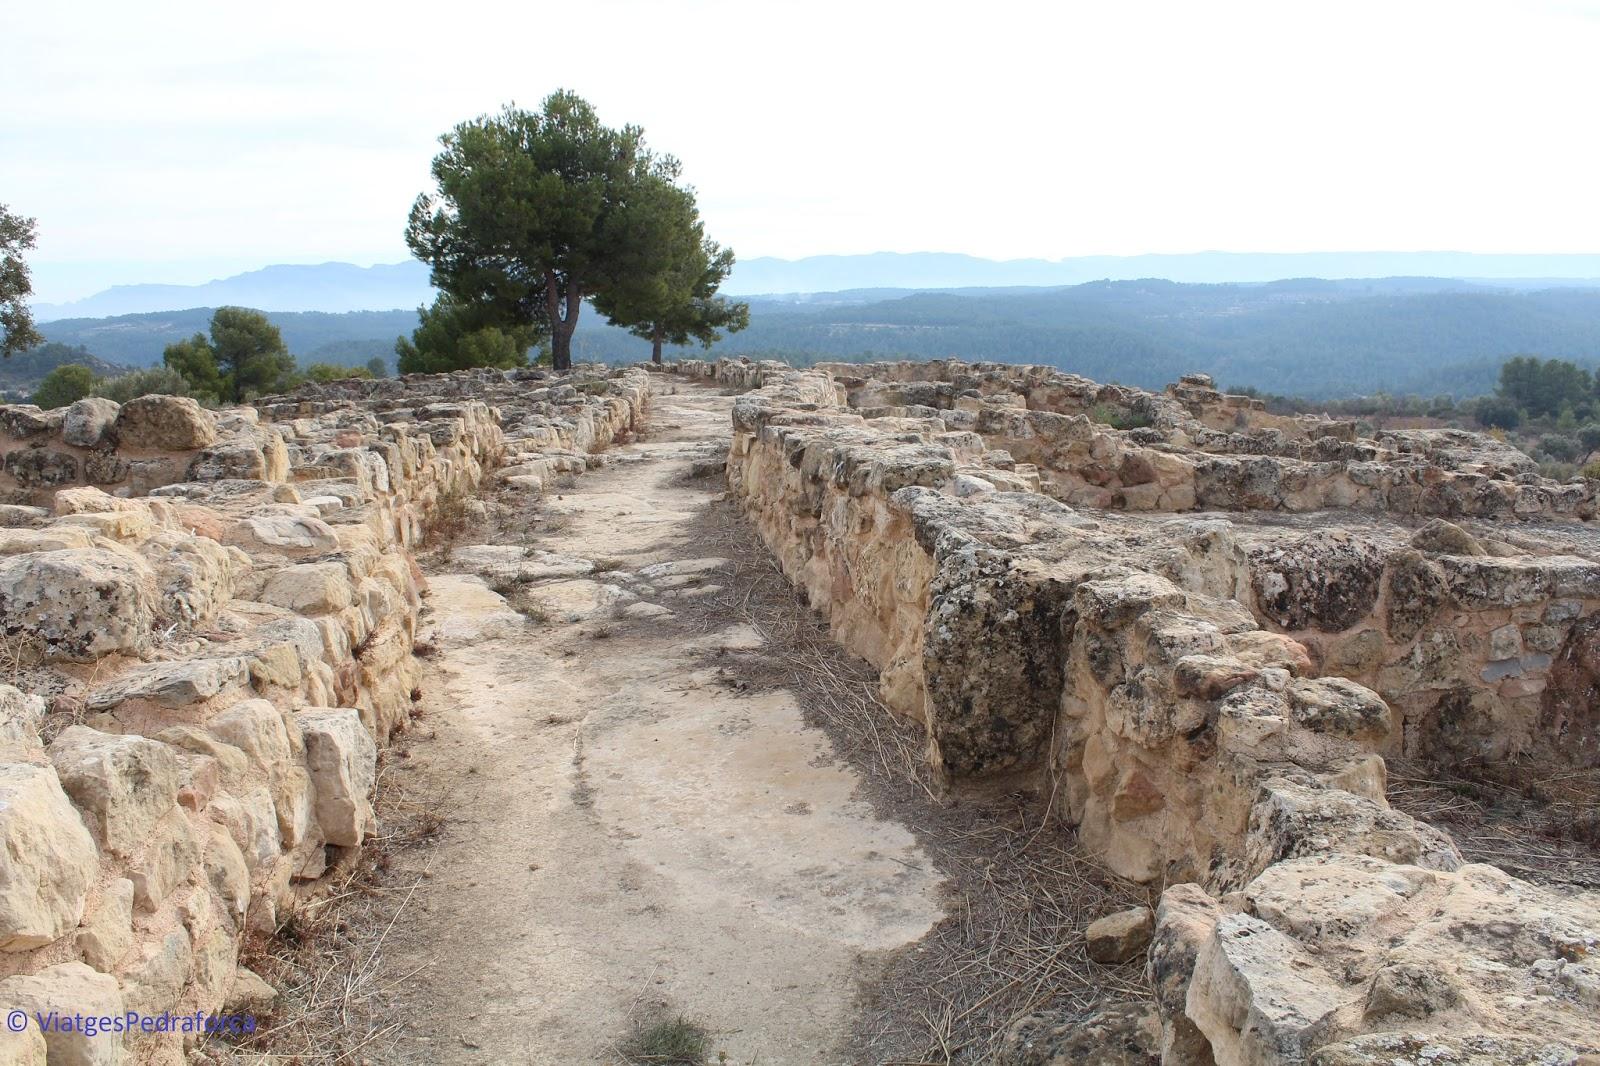 Matarranya, arqueologia, ruta dels ibers, Terol, Aragó, Patrimoni cultural